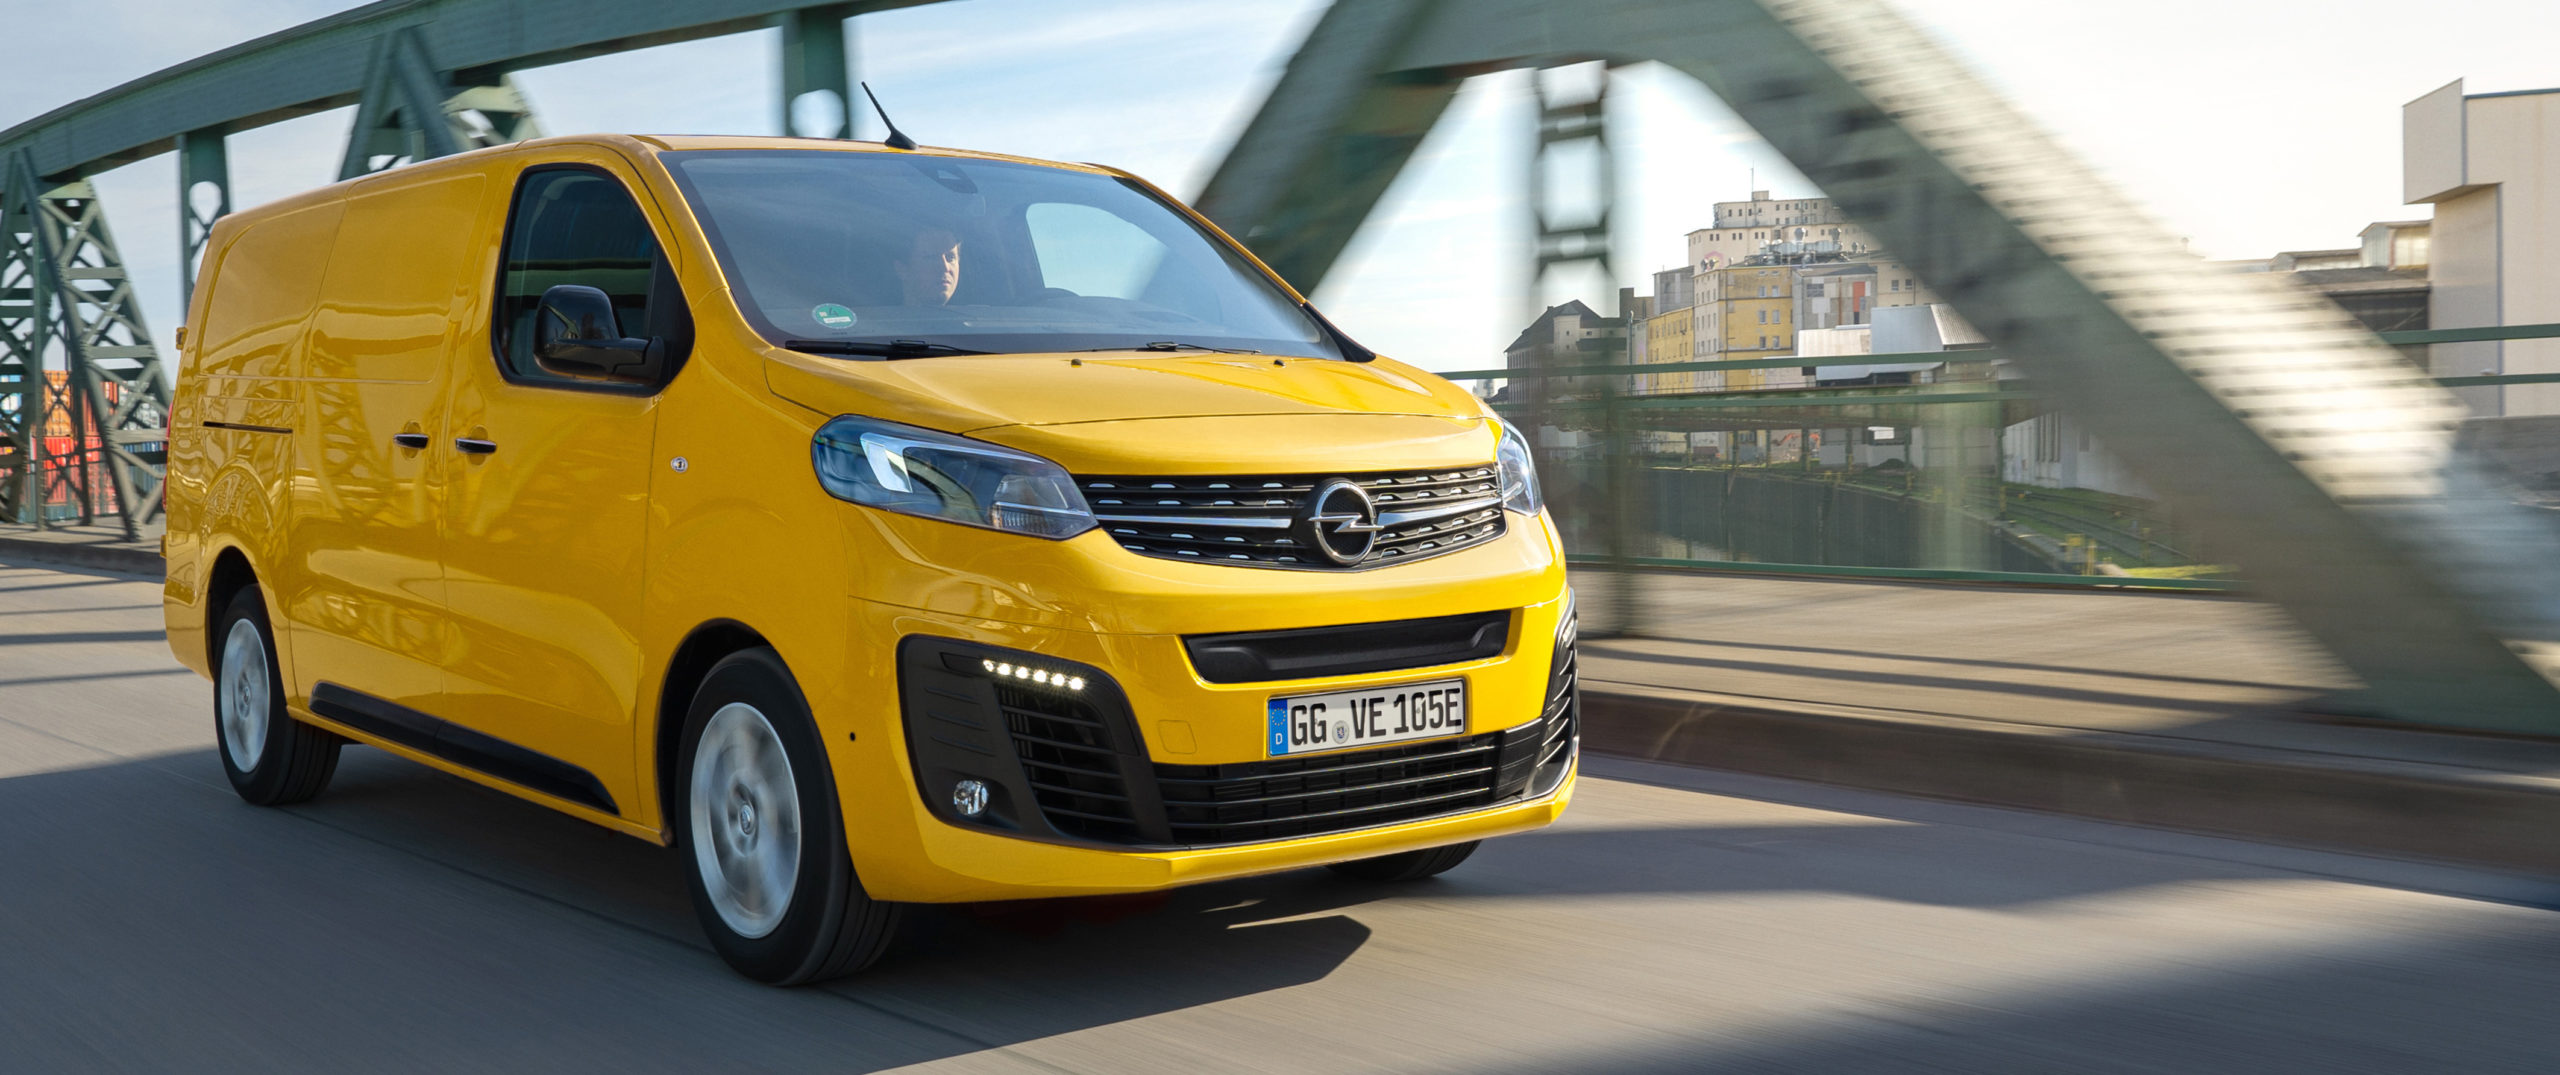 Opel Vivaro-e ya a la venta en España